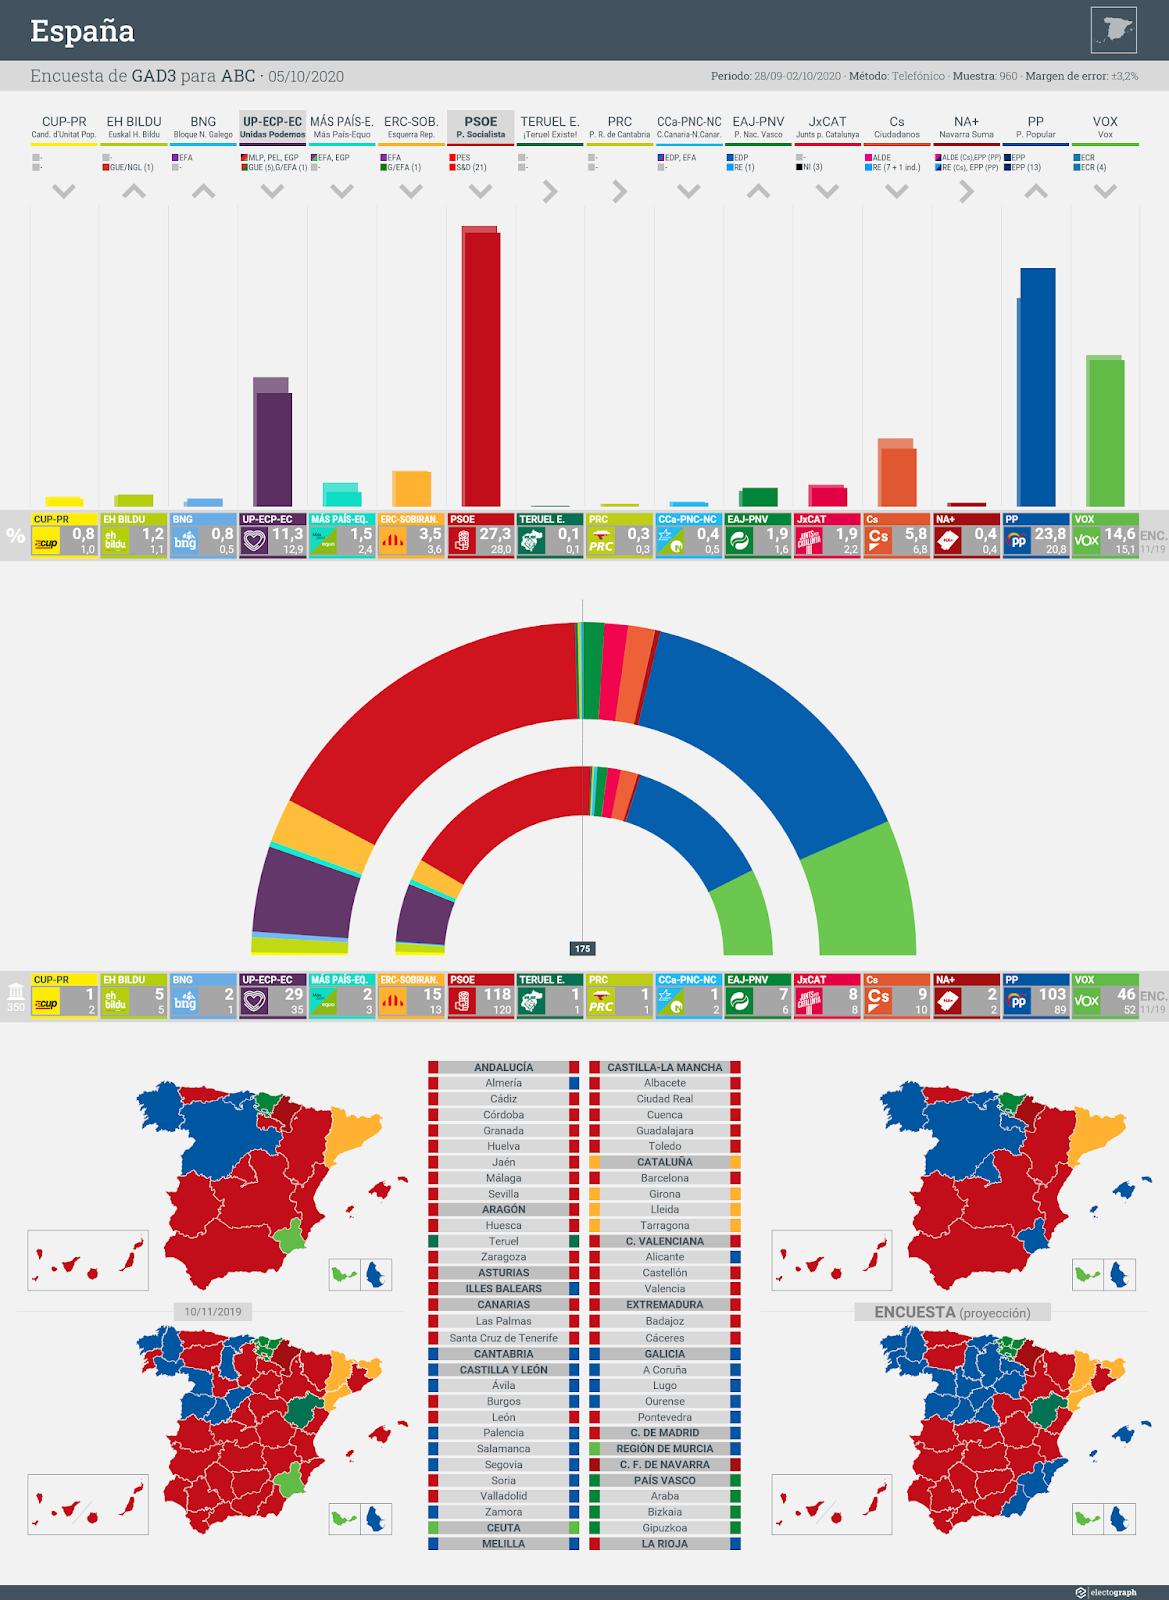 Gráfico de la encuesta para elecciones generales en España realizada por GAD3 para ABC, 5 de octubre de 2020